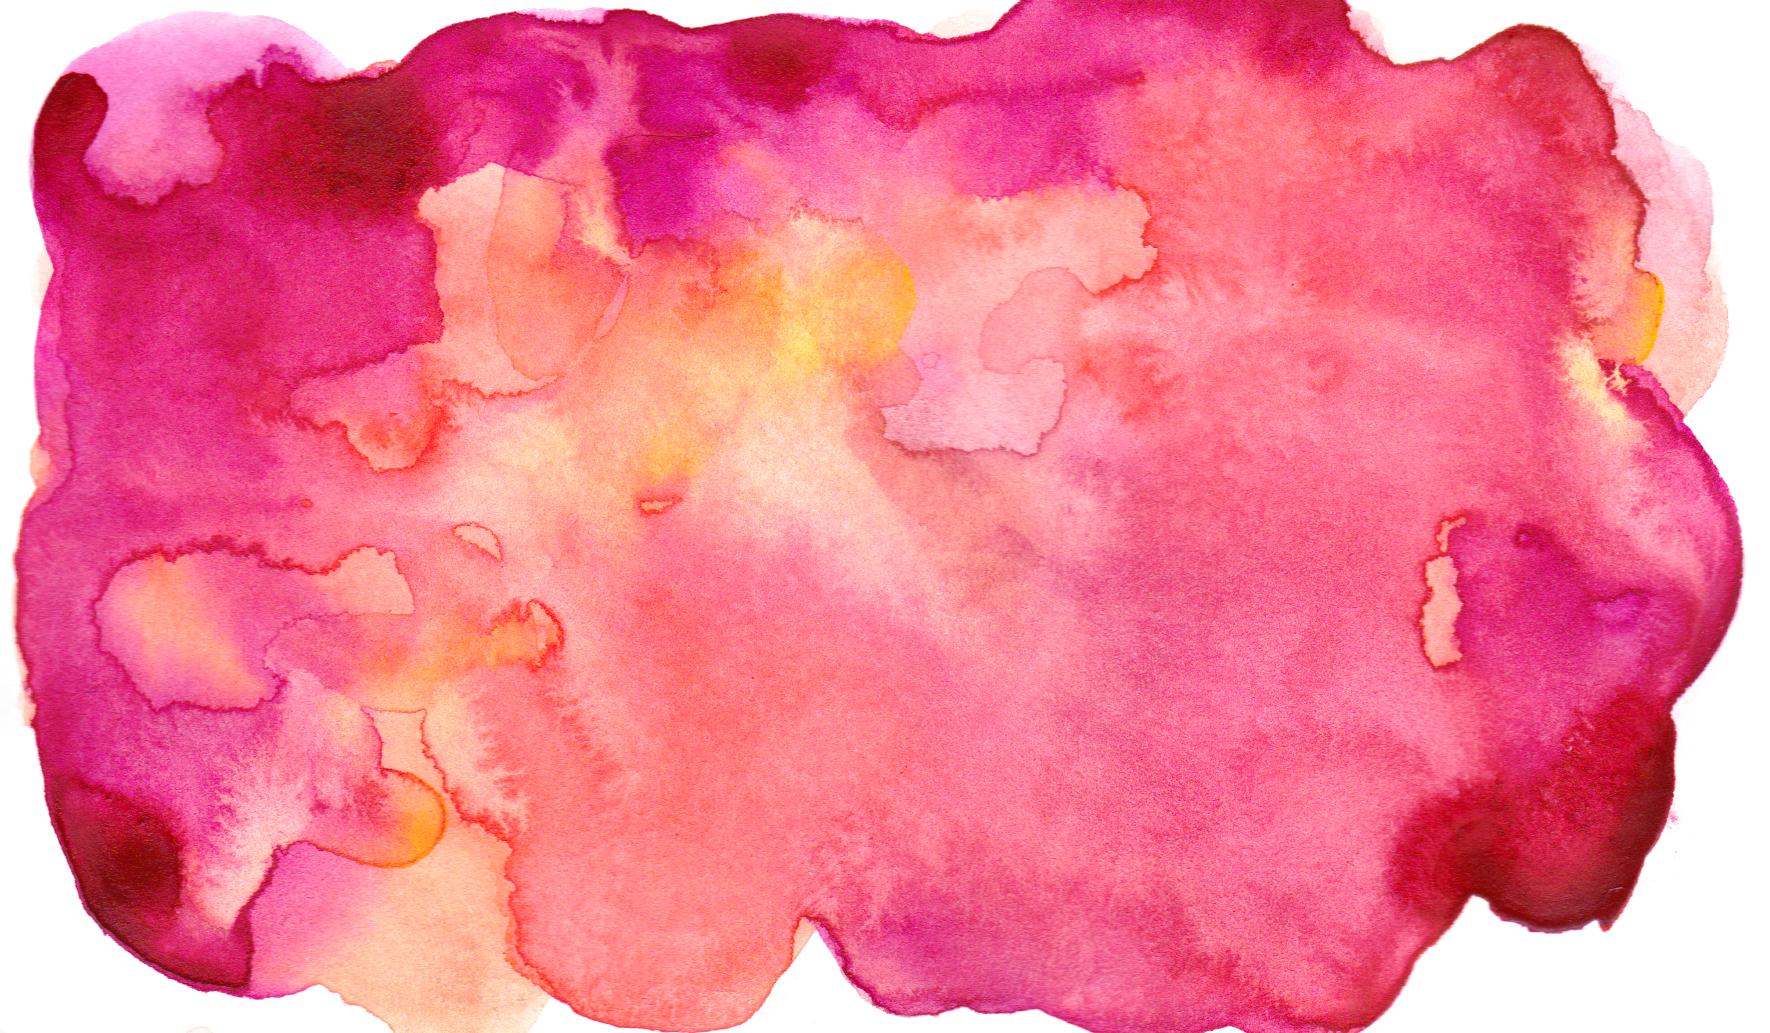 watercolor texture _MGaber10.jpg